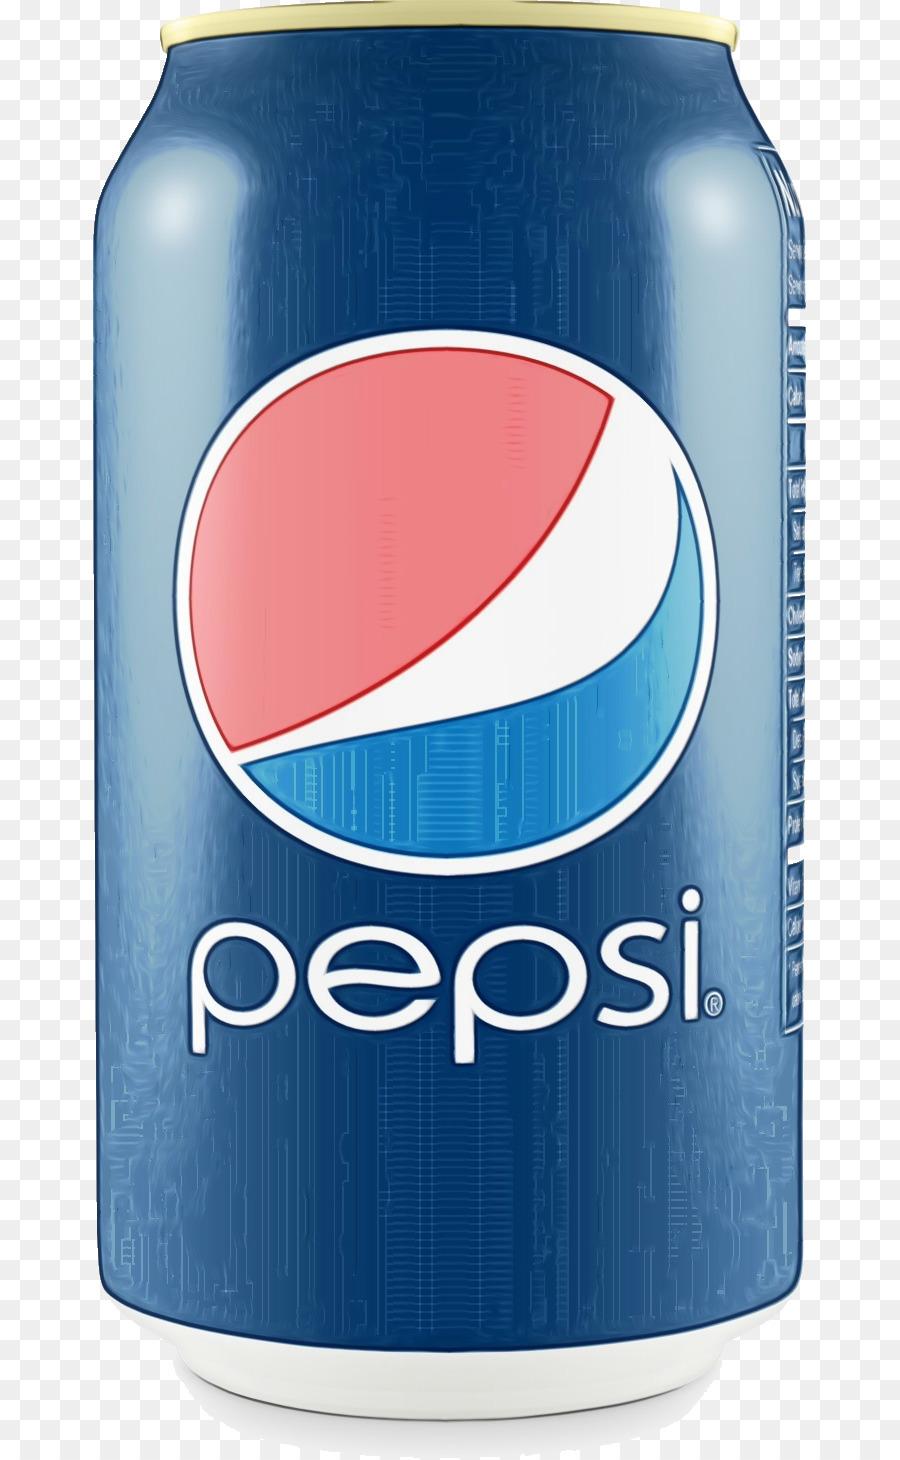 Descarga gratuita de El Aluminio Puede, Azul Cobalto, Pepsi imágenes PNG